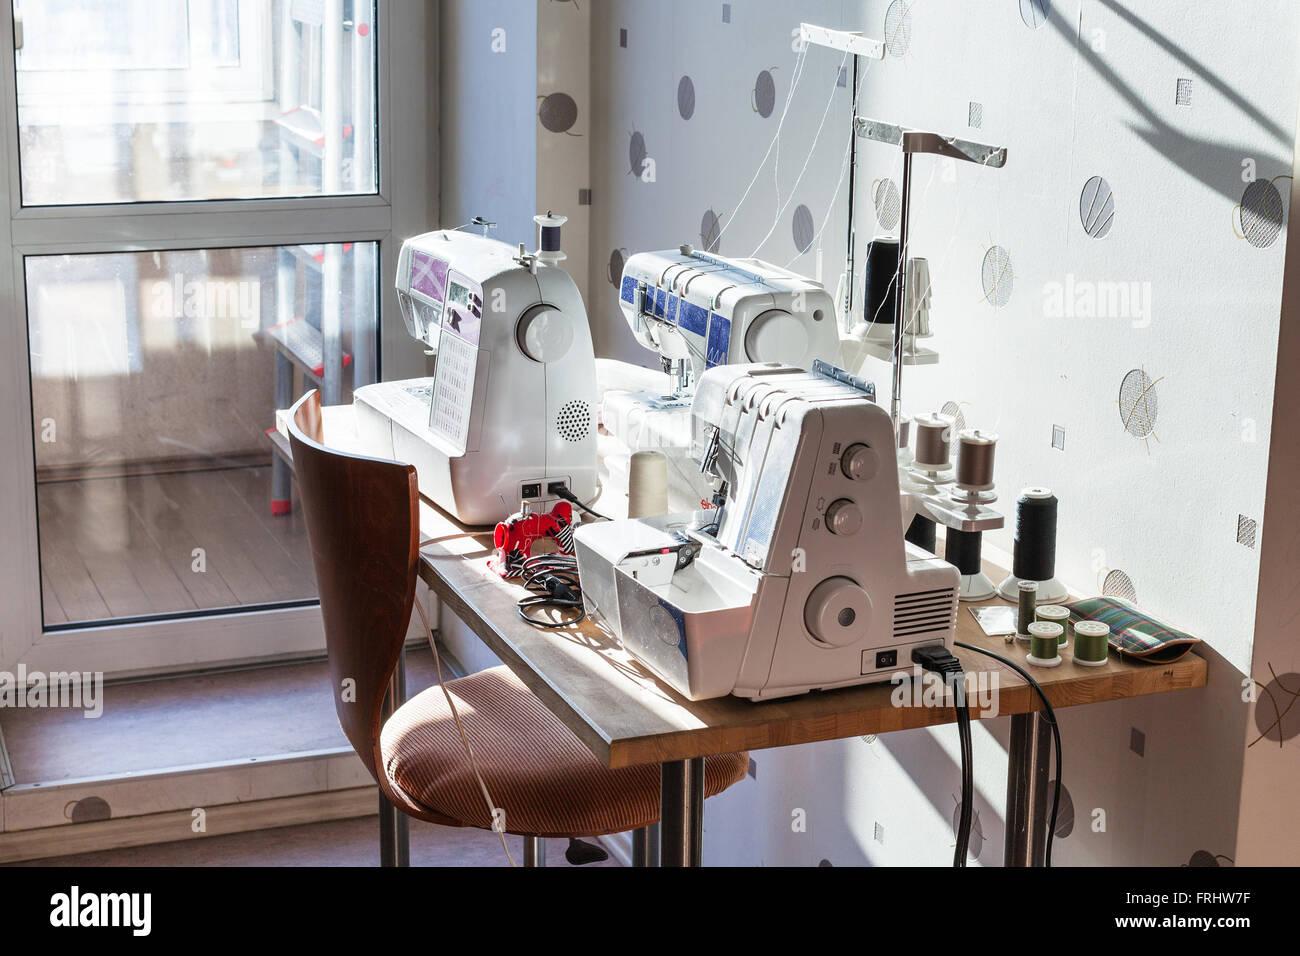 Atelier de couturière à domicile - machines à coudre et serger sur